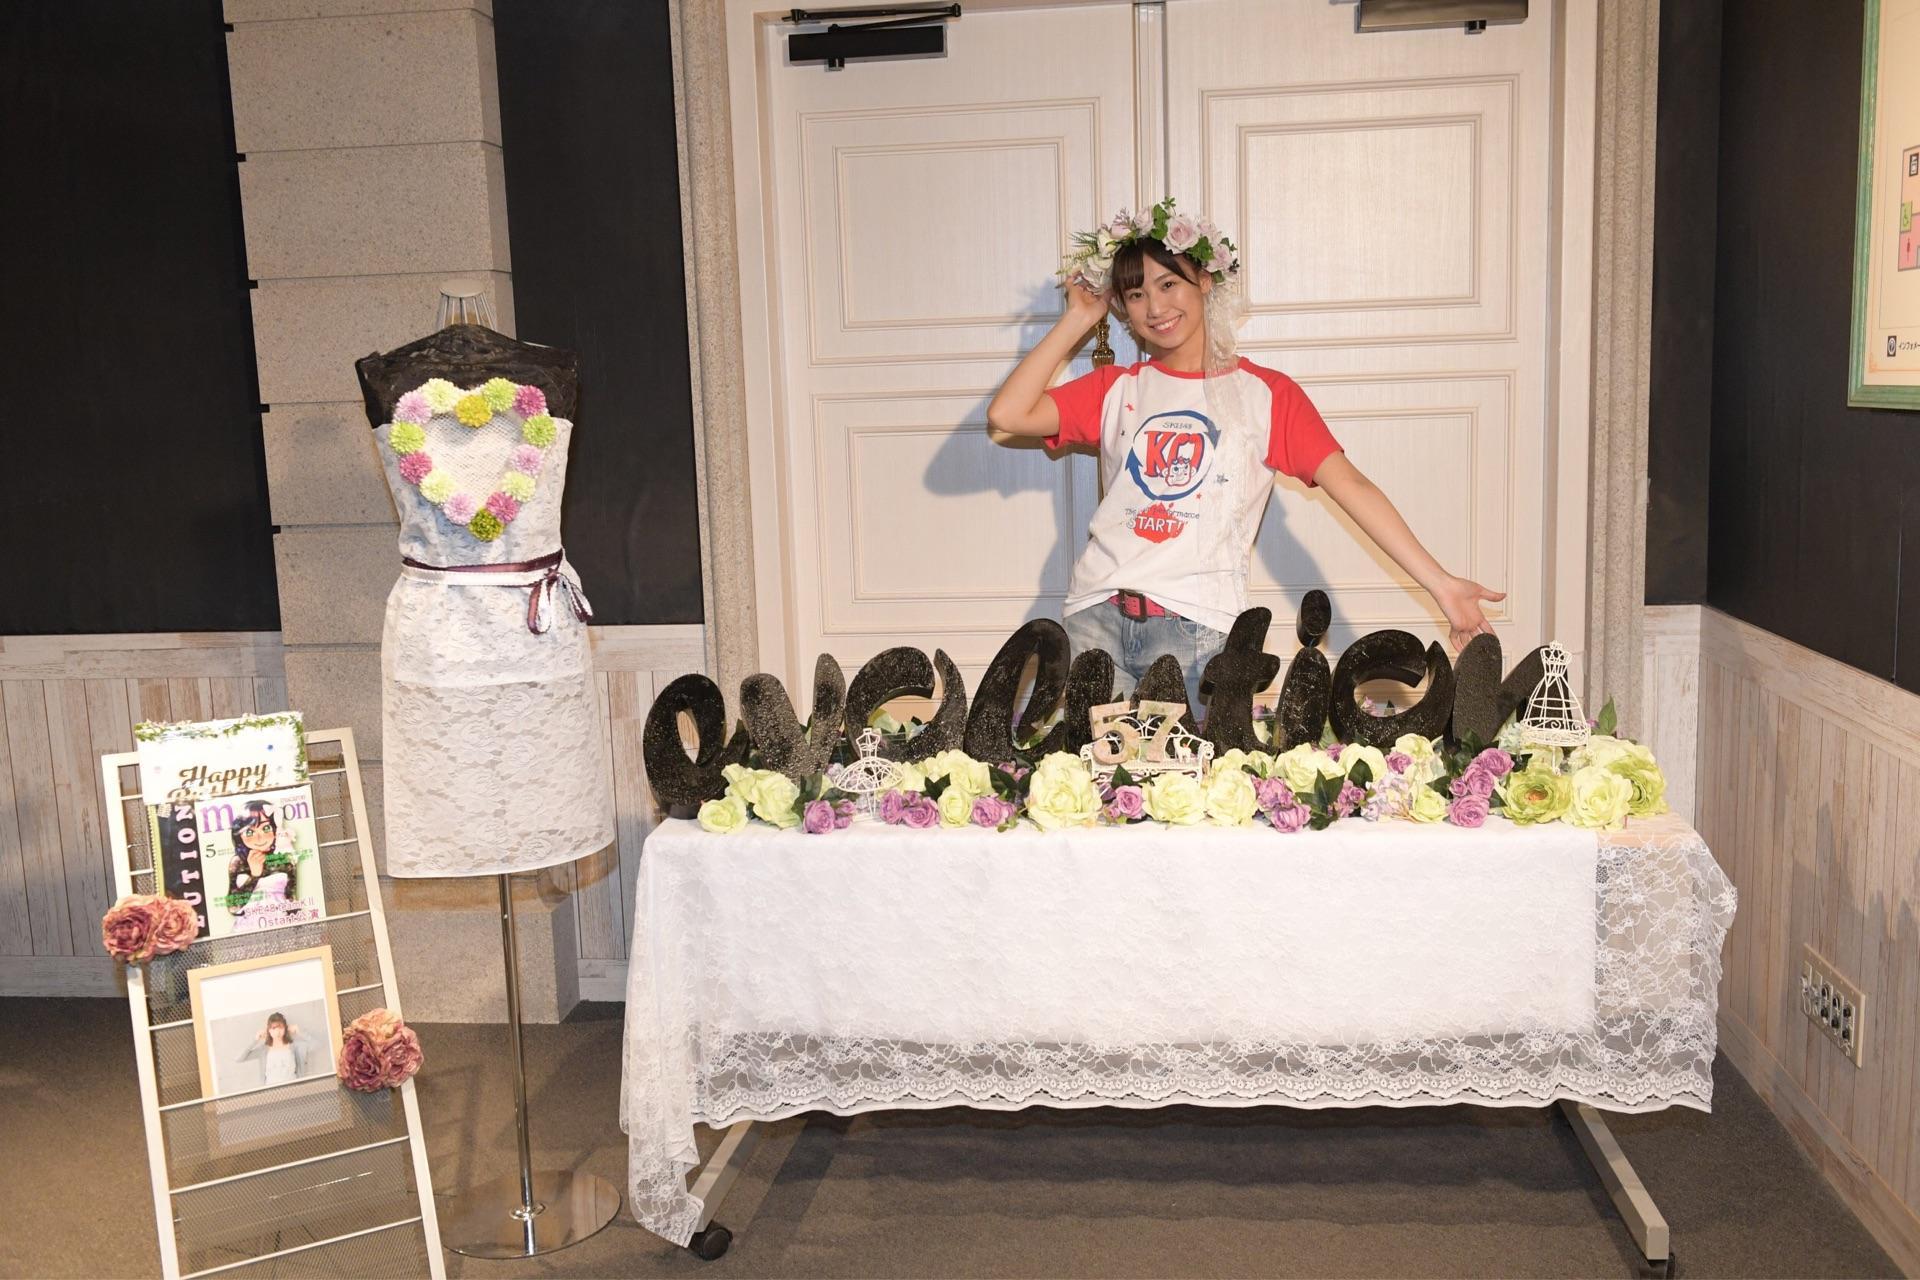 【ダンス】SKEだったくーさんこと矢神久美ちゃん(の活動再開を喜びつつSKEメンバーをなでるスレ)☆178【にゃはっぴー】©2ch.netYouTube動画>16本 ->画像>1309枚